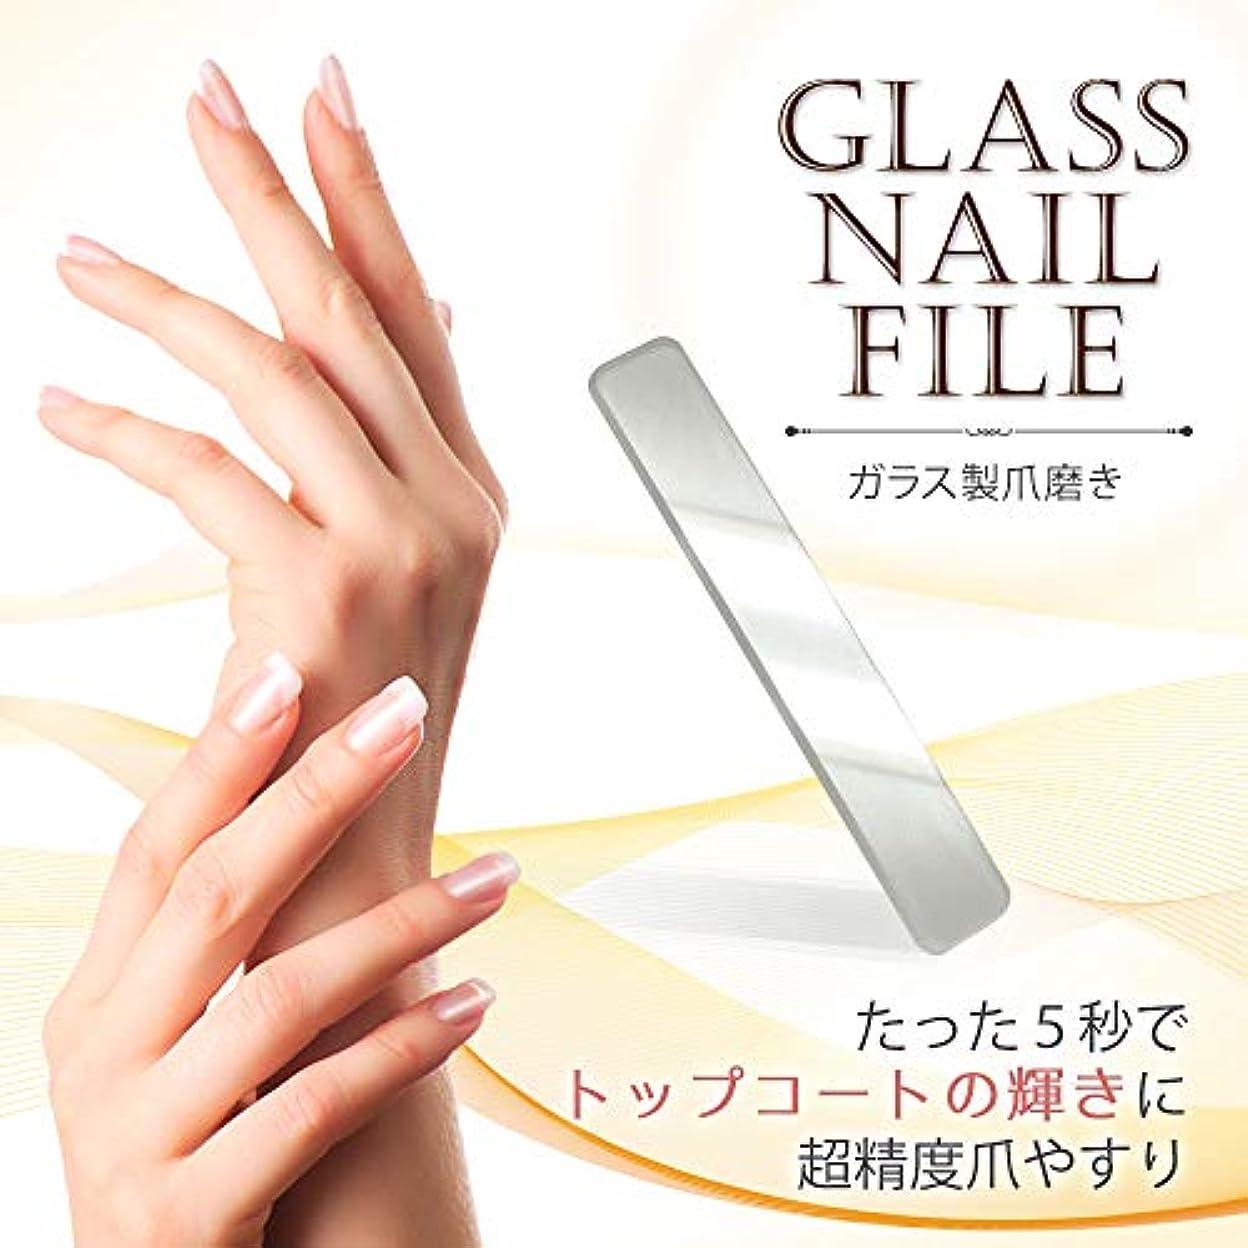 船尾通知する肥満5秒で実感 Glass Nail File (ガラス製 爪やすり 爪みがき つめみがき 爪磨き ネイルファイル ネイルシャイナー グラスシャイナー バッファー ネイルケア 爪ケア)